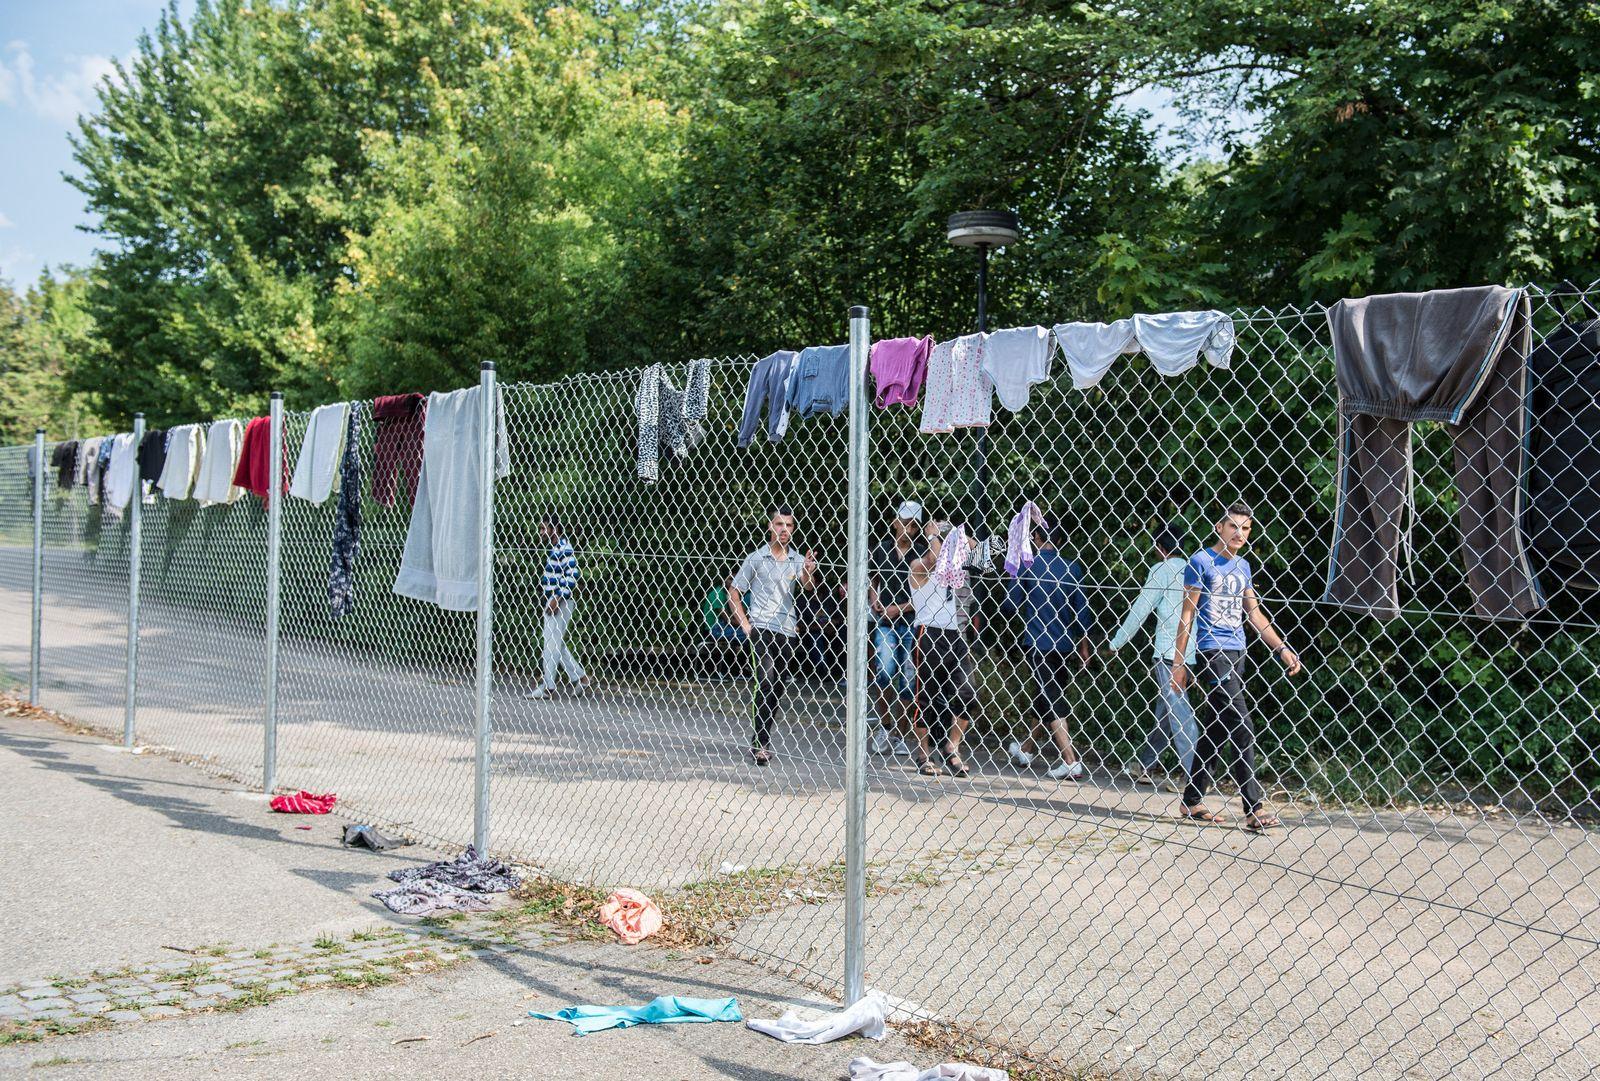 Landeserstaufnahmeeinrichtung für Flüchtlinge in Ellwangen